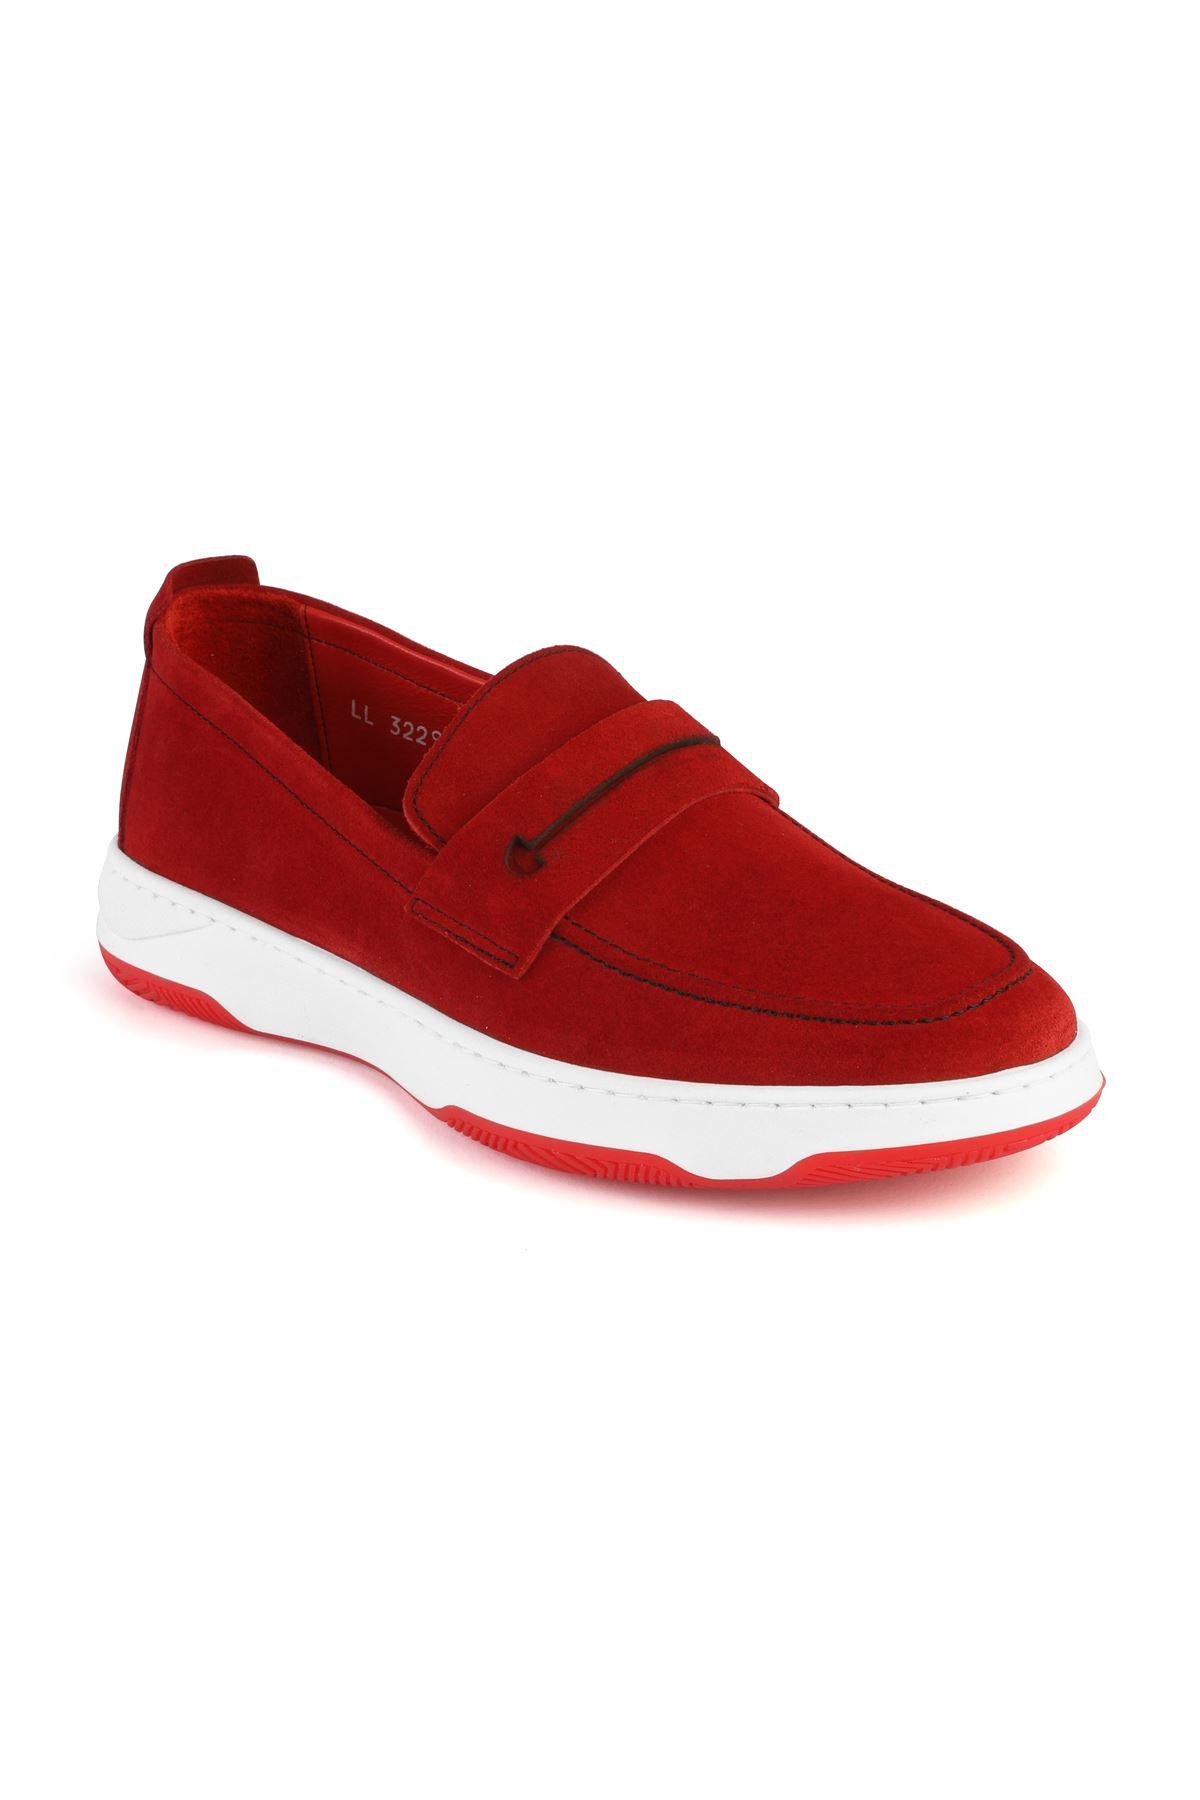 Libero 3229 Kırmızı Loafer Ayakkabı